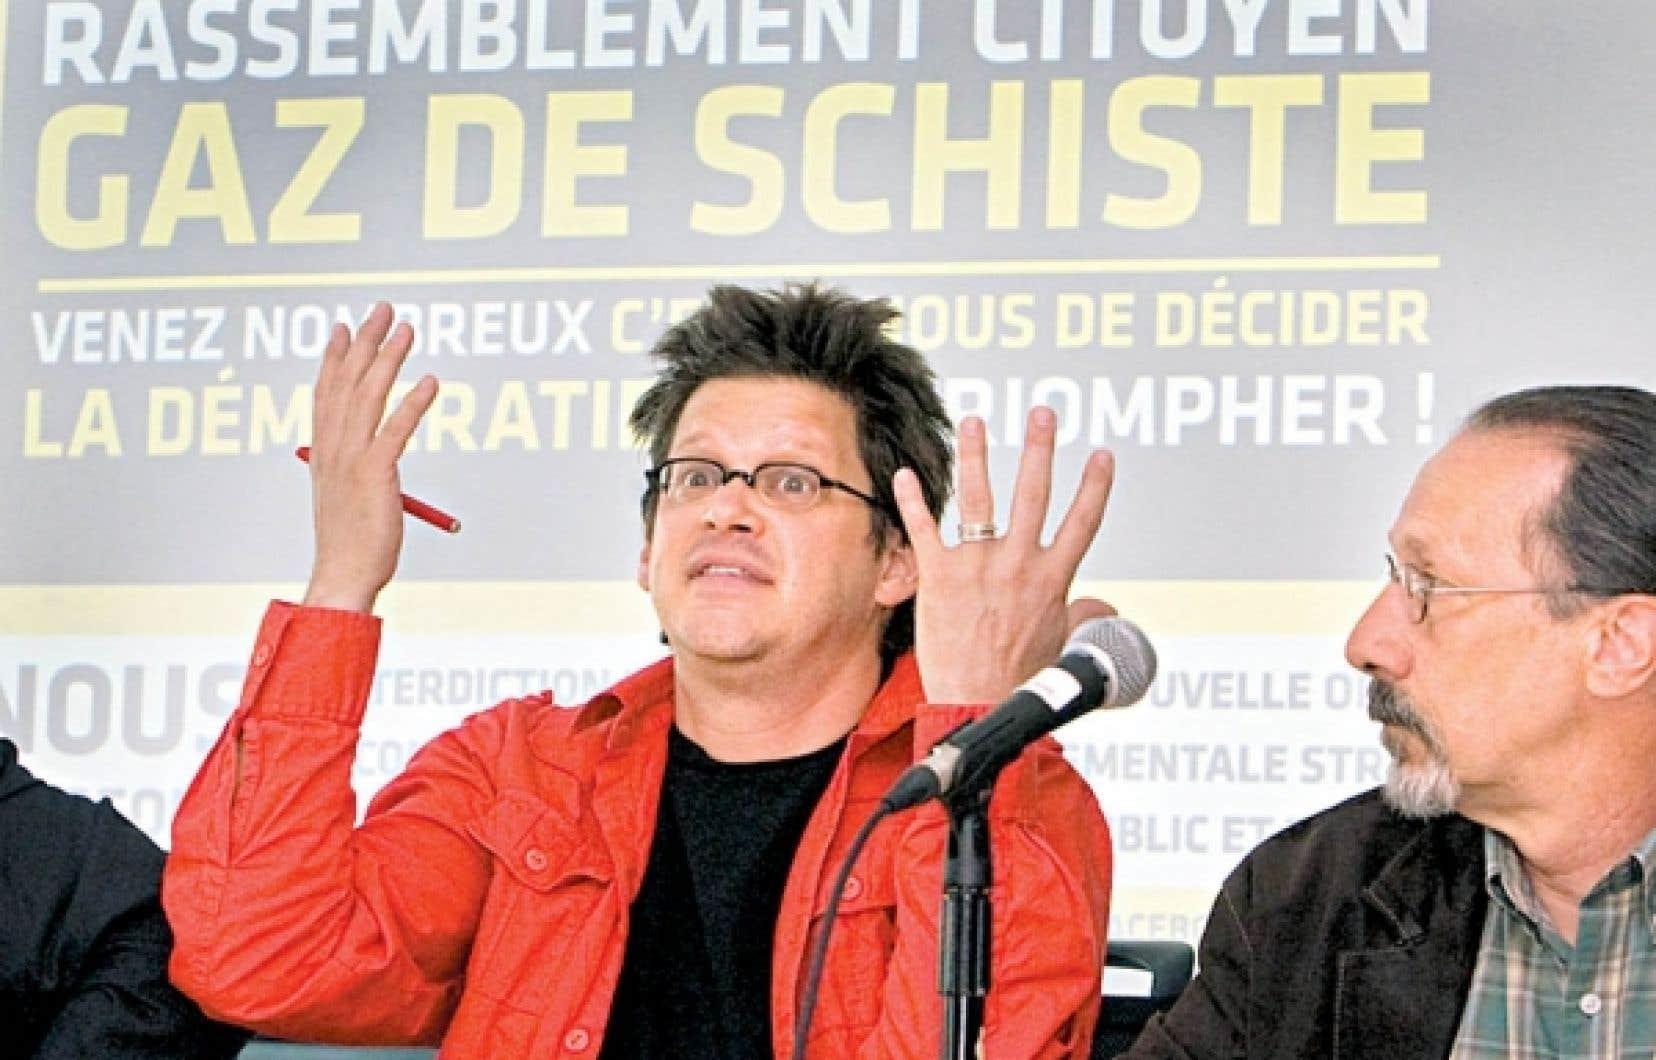 Une coalition de groupes environnementaux, syndicaux et citoyens appellent à manifester contre l'exploitation des gaz de schiste à Montréal samedi. Parmi eux, le metteur en scène Dominic Champagne.<br />